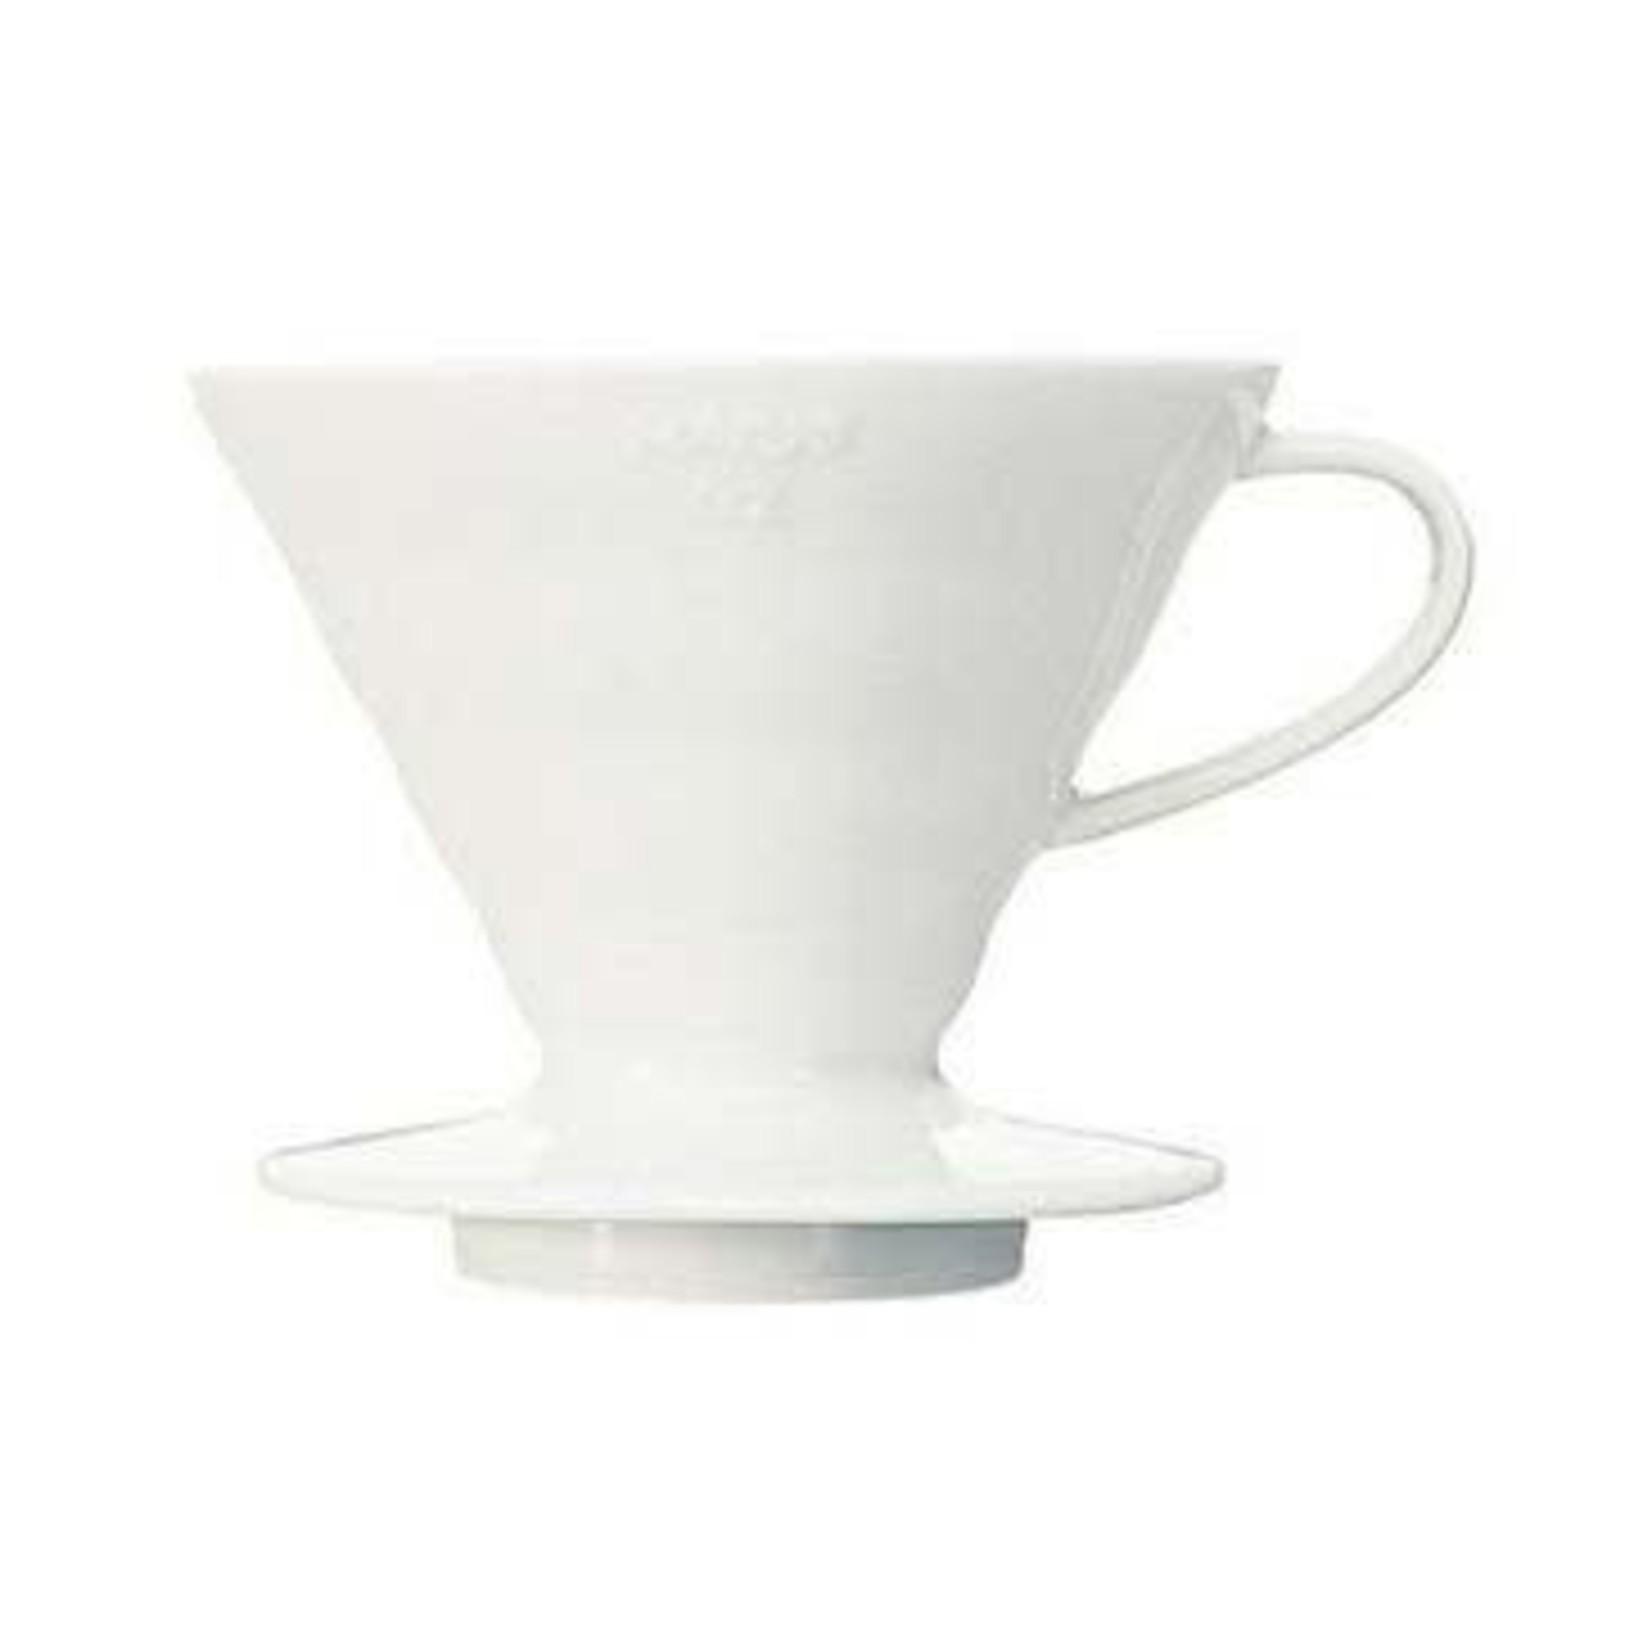 Hario Hario Ceramic Dripper White 02